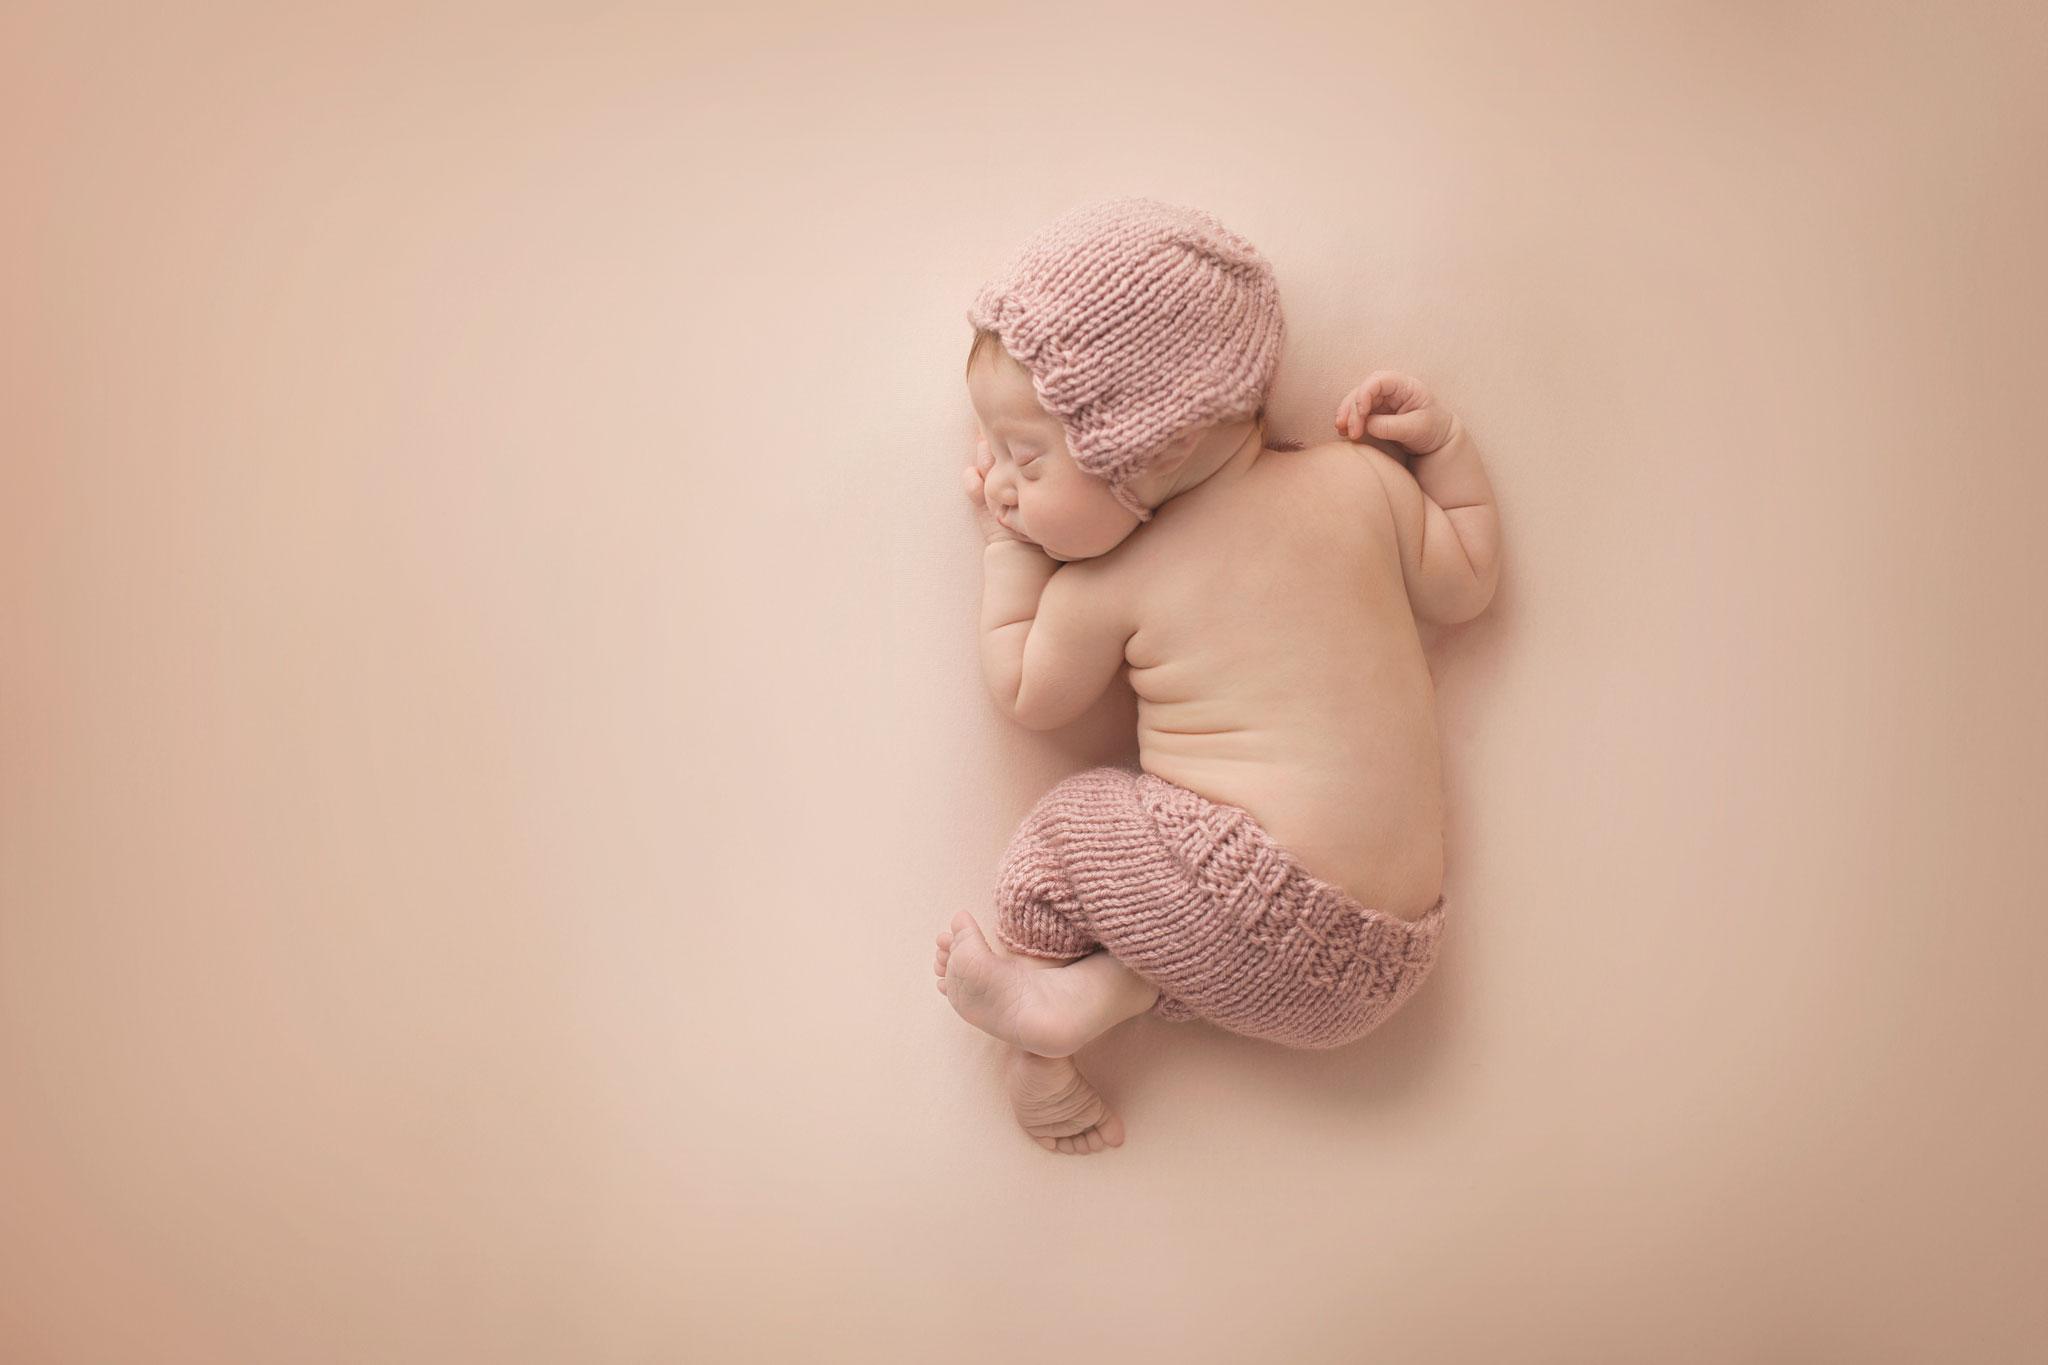 Baby-Scheele_03.jpg